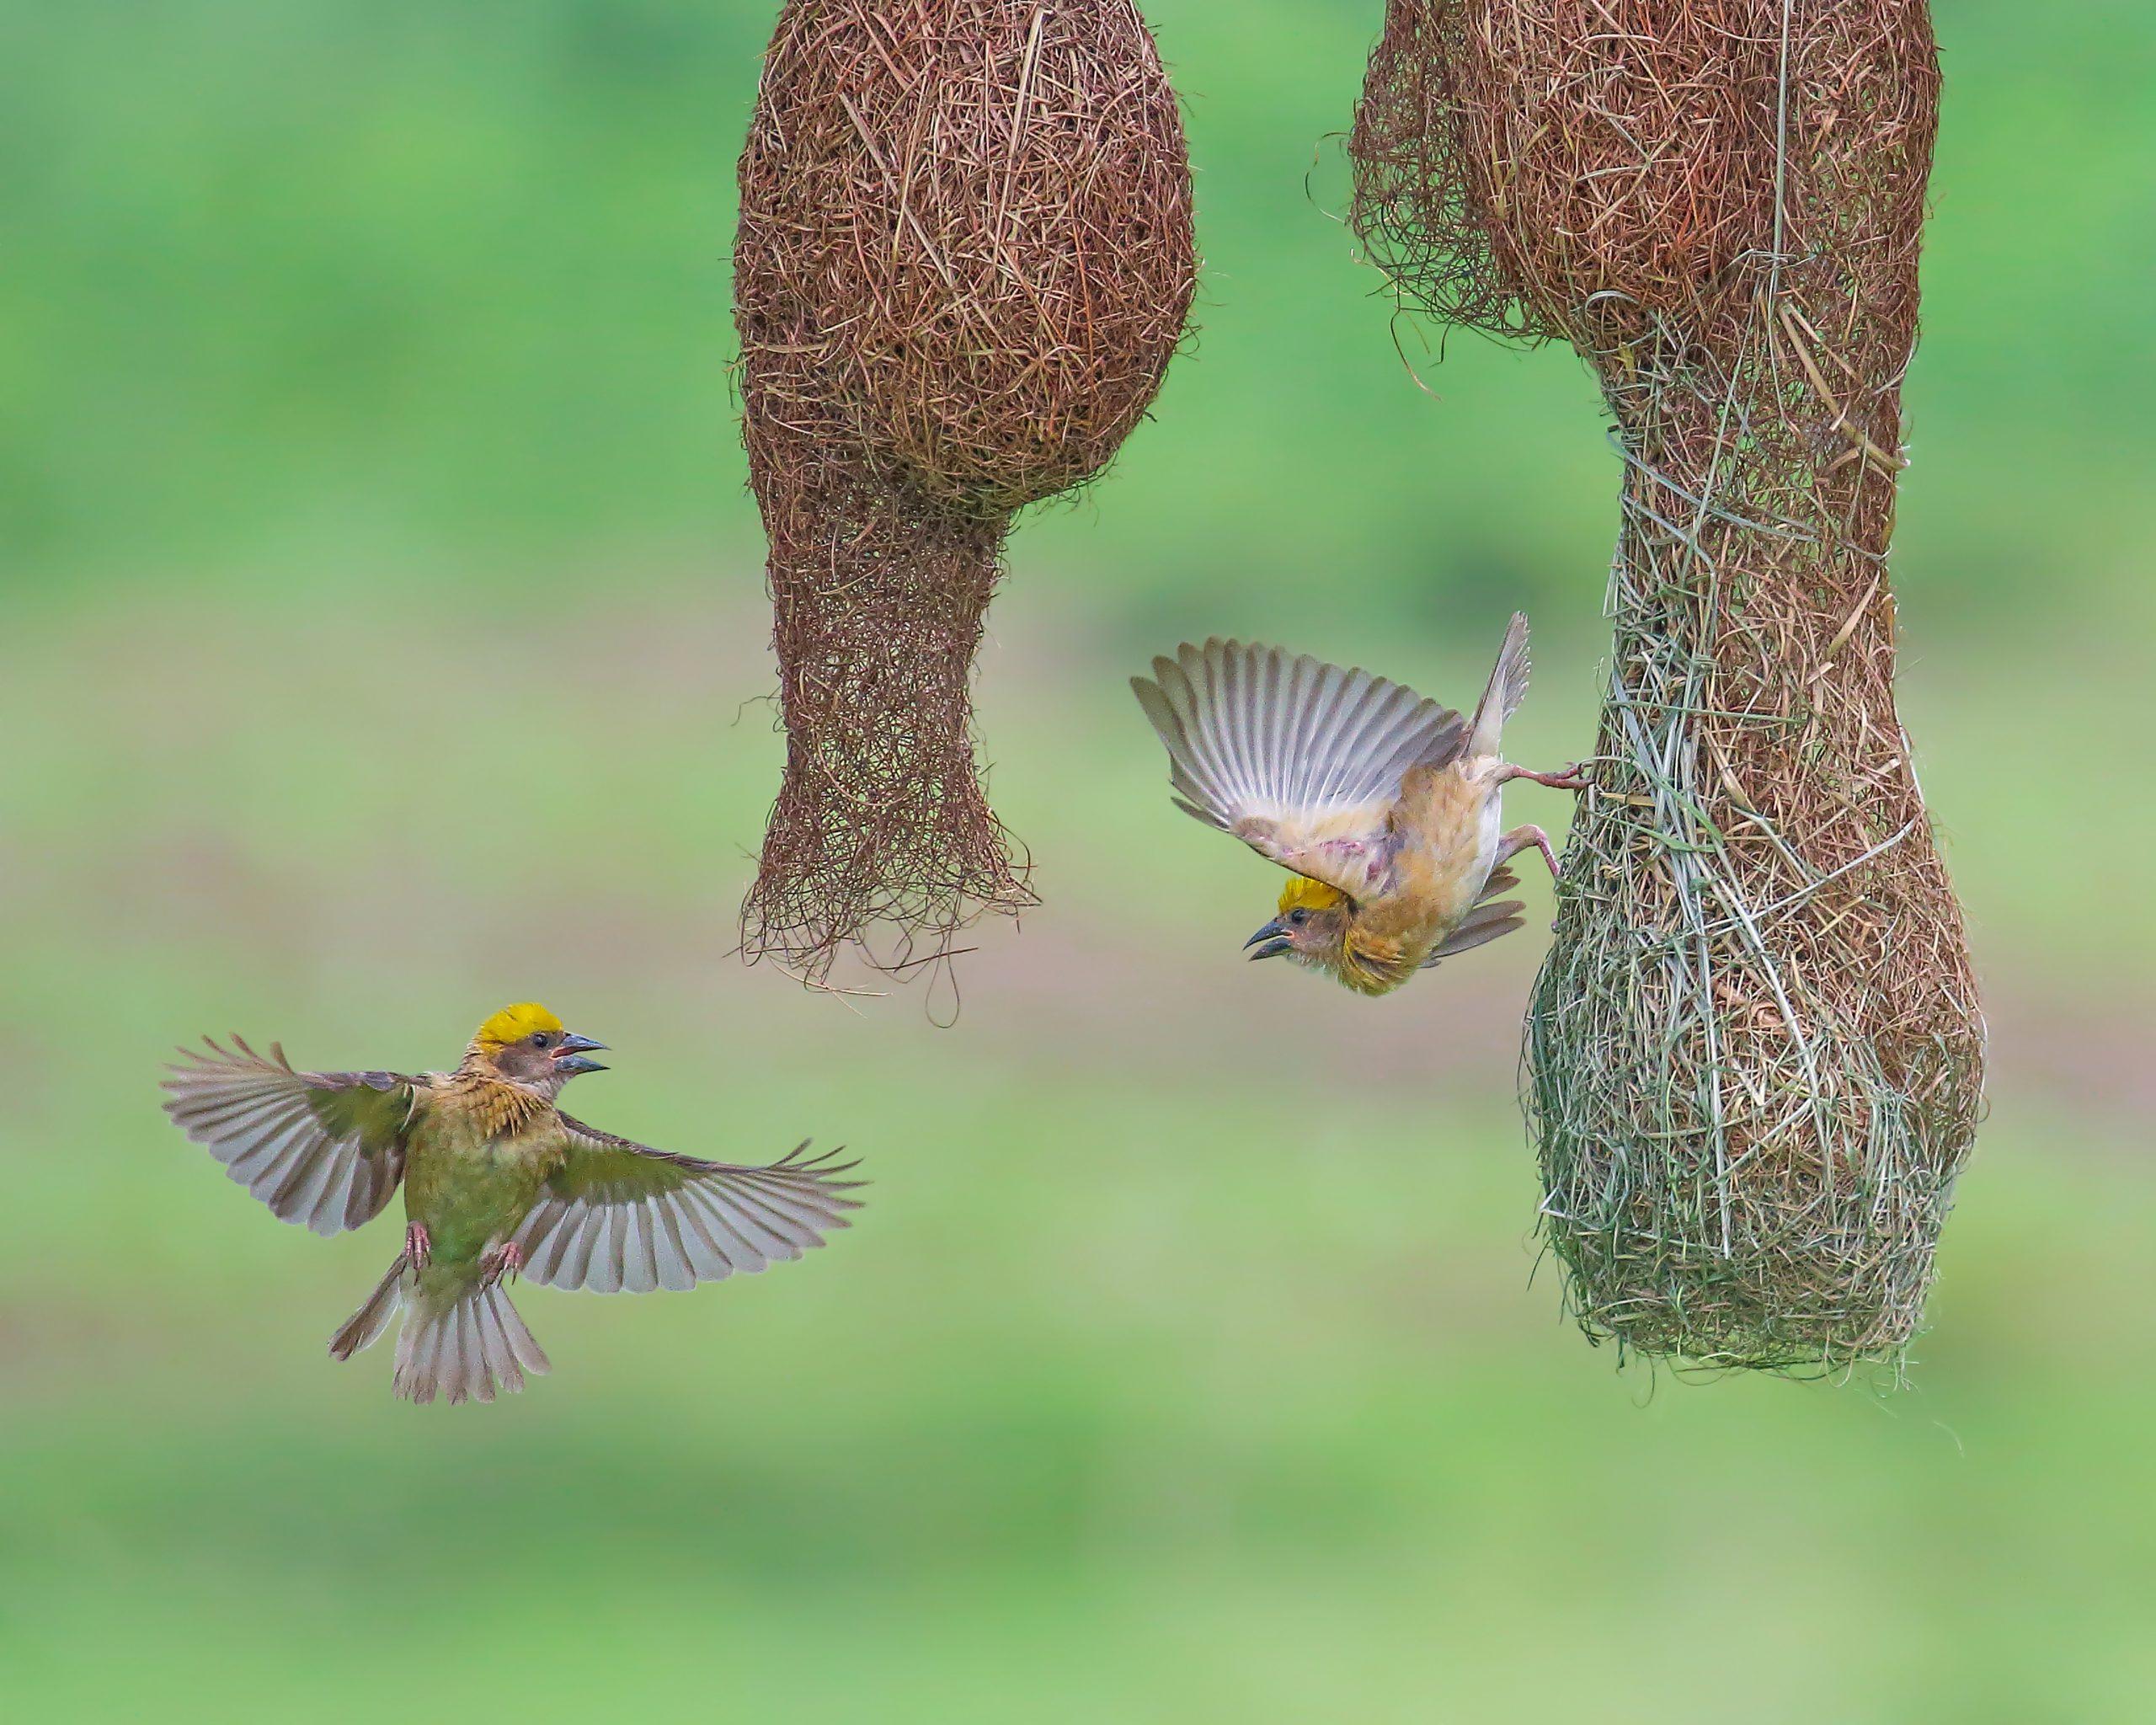 Baya weaver birds around their nest